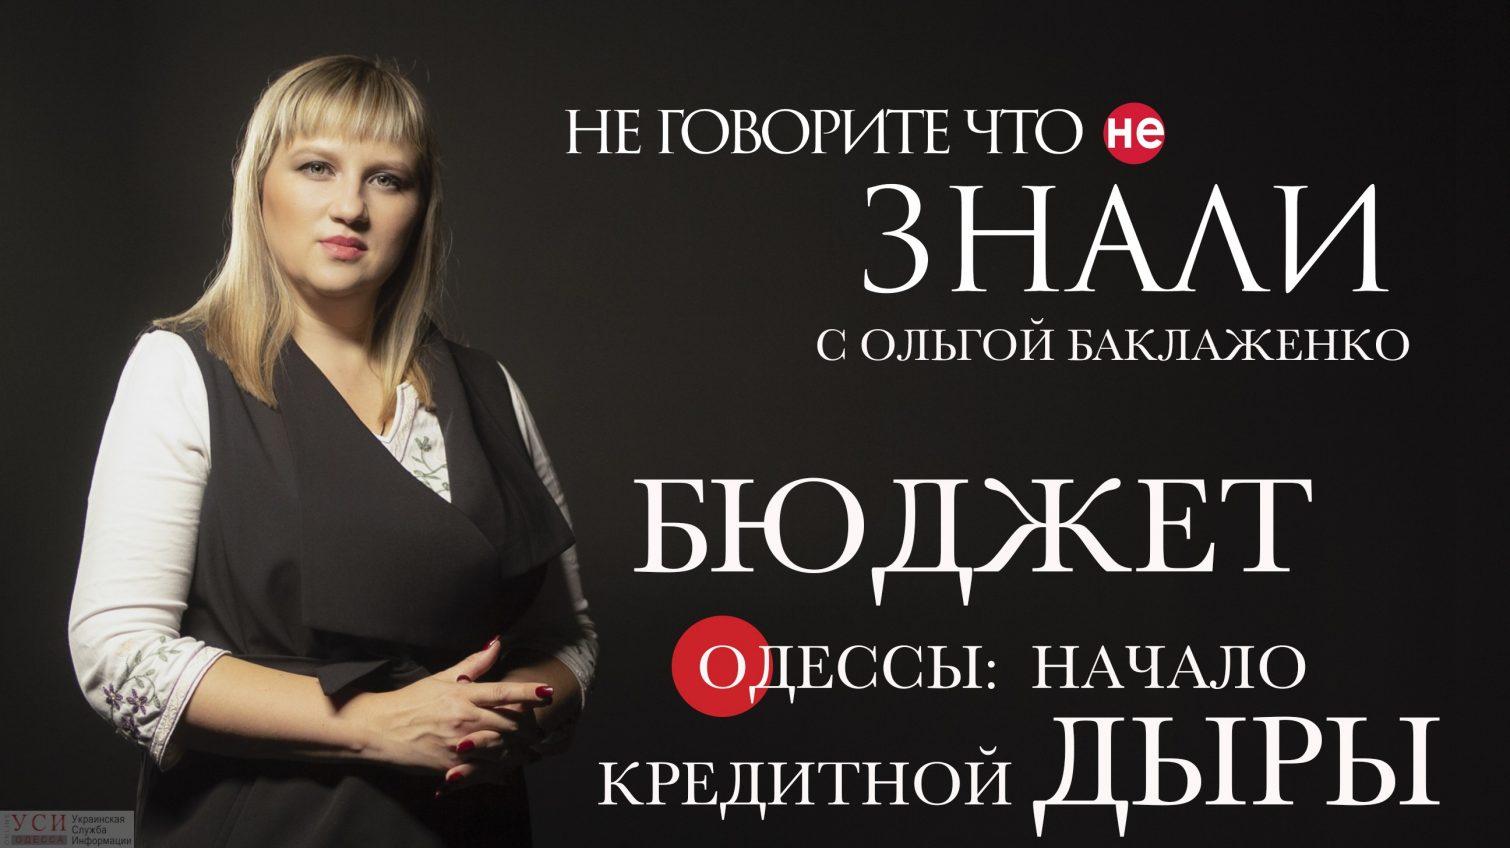 Бюджет Одессы: начало кредитной дыры (видеоблог) «фото»